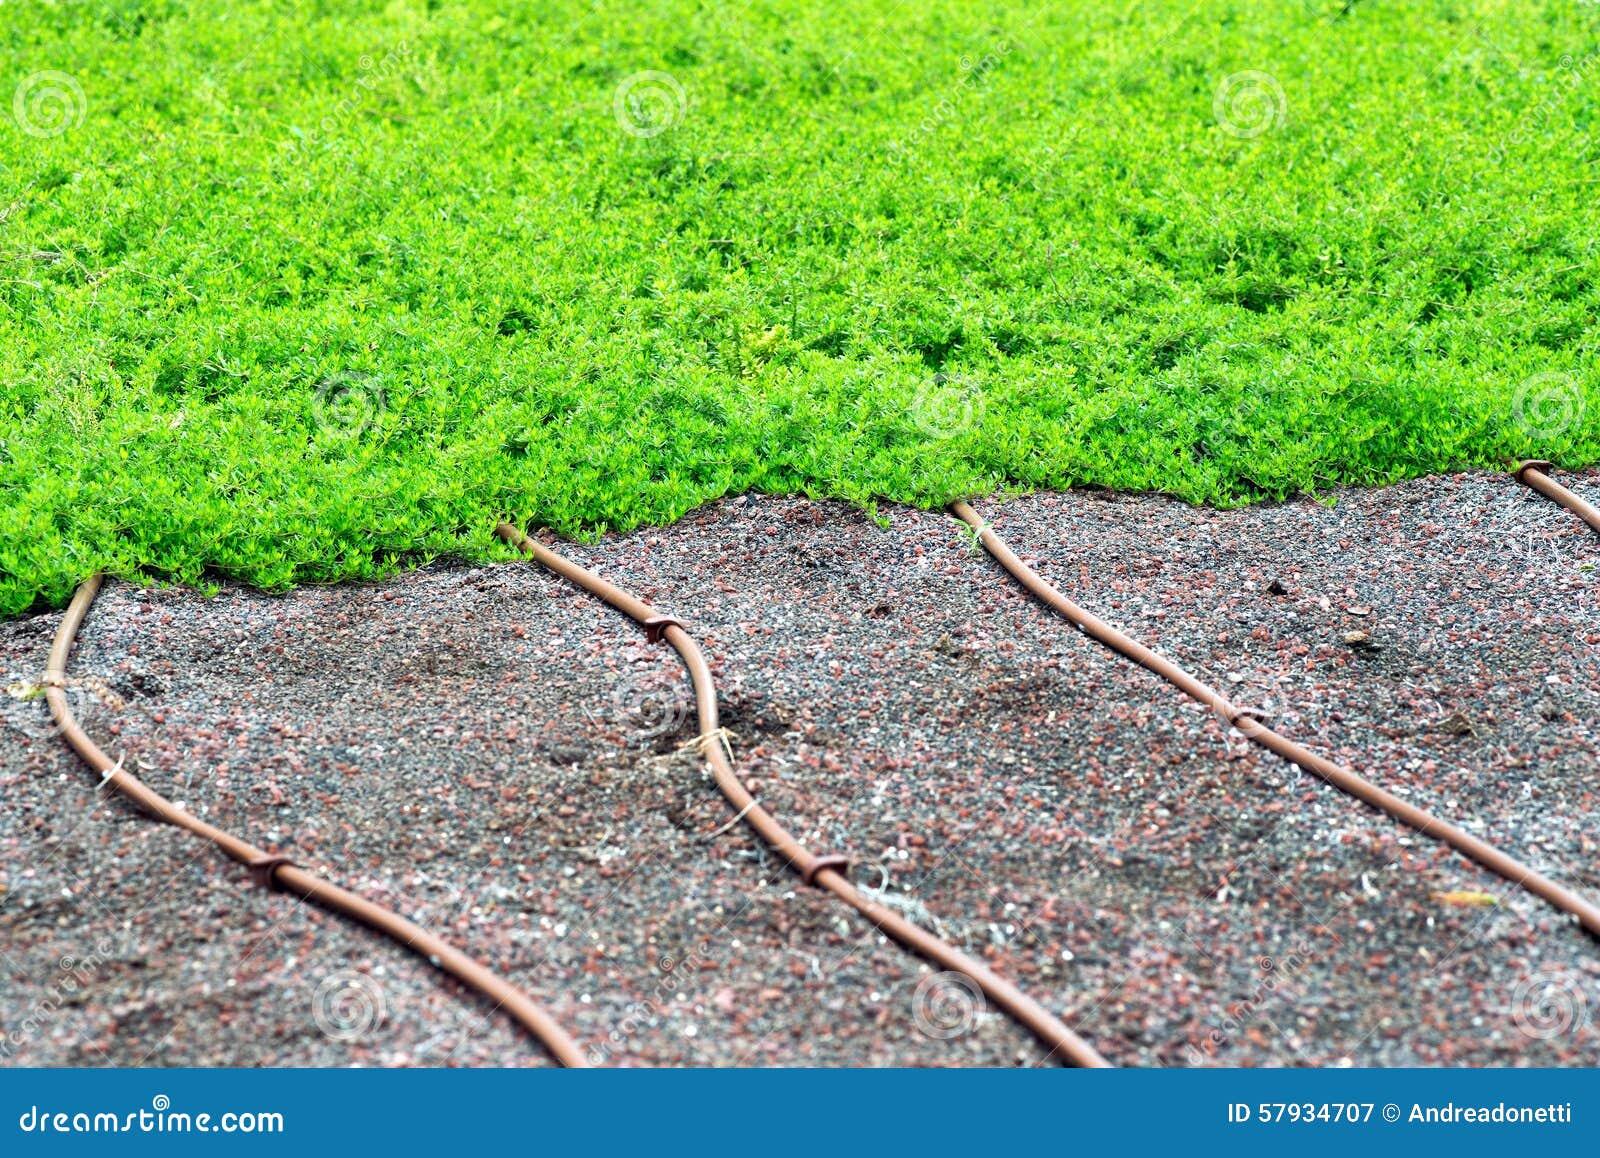 Tubi di irrigazione su un prato inglese o su un tappeto for Tappeto erboso a rotoli prezzi